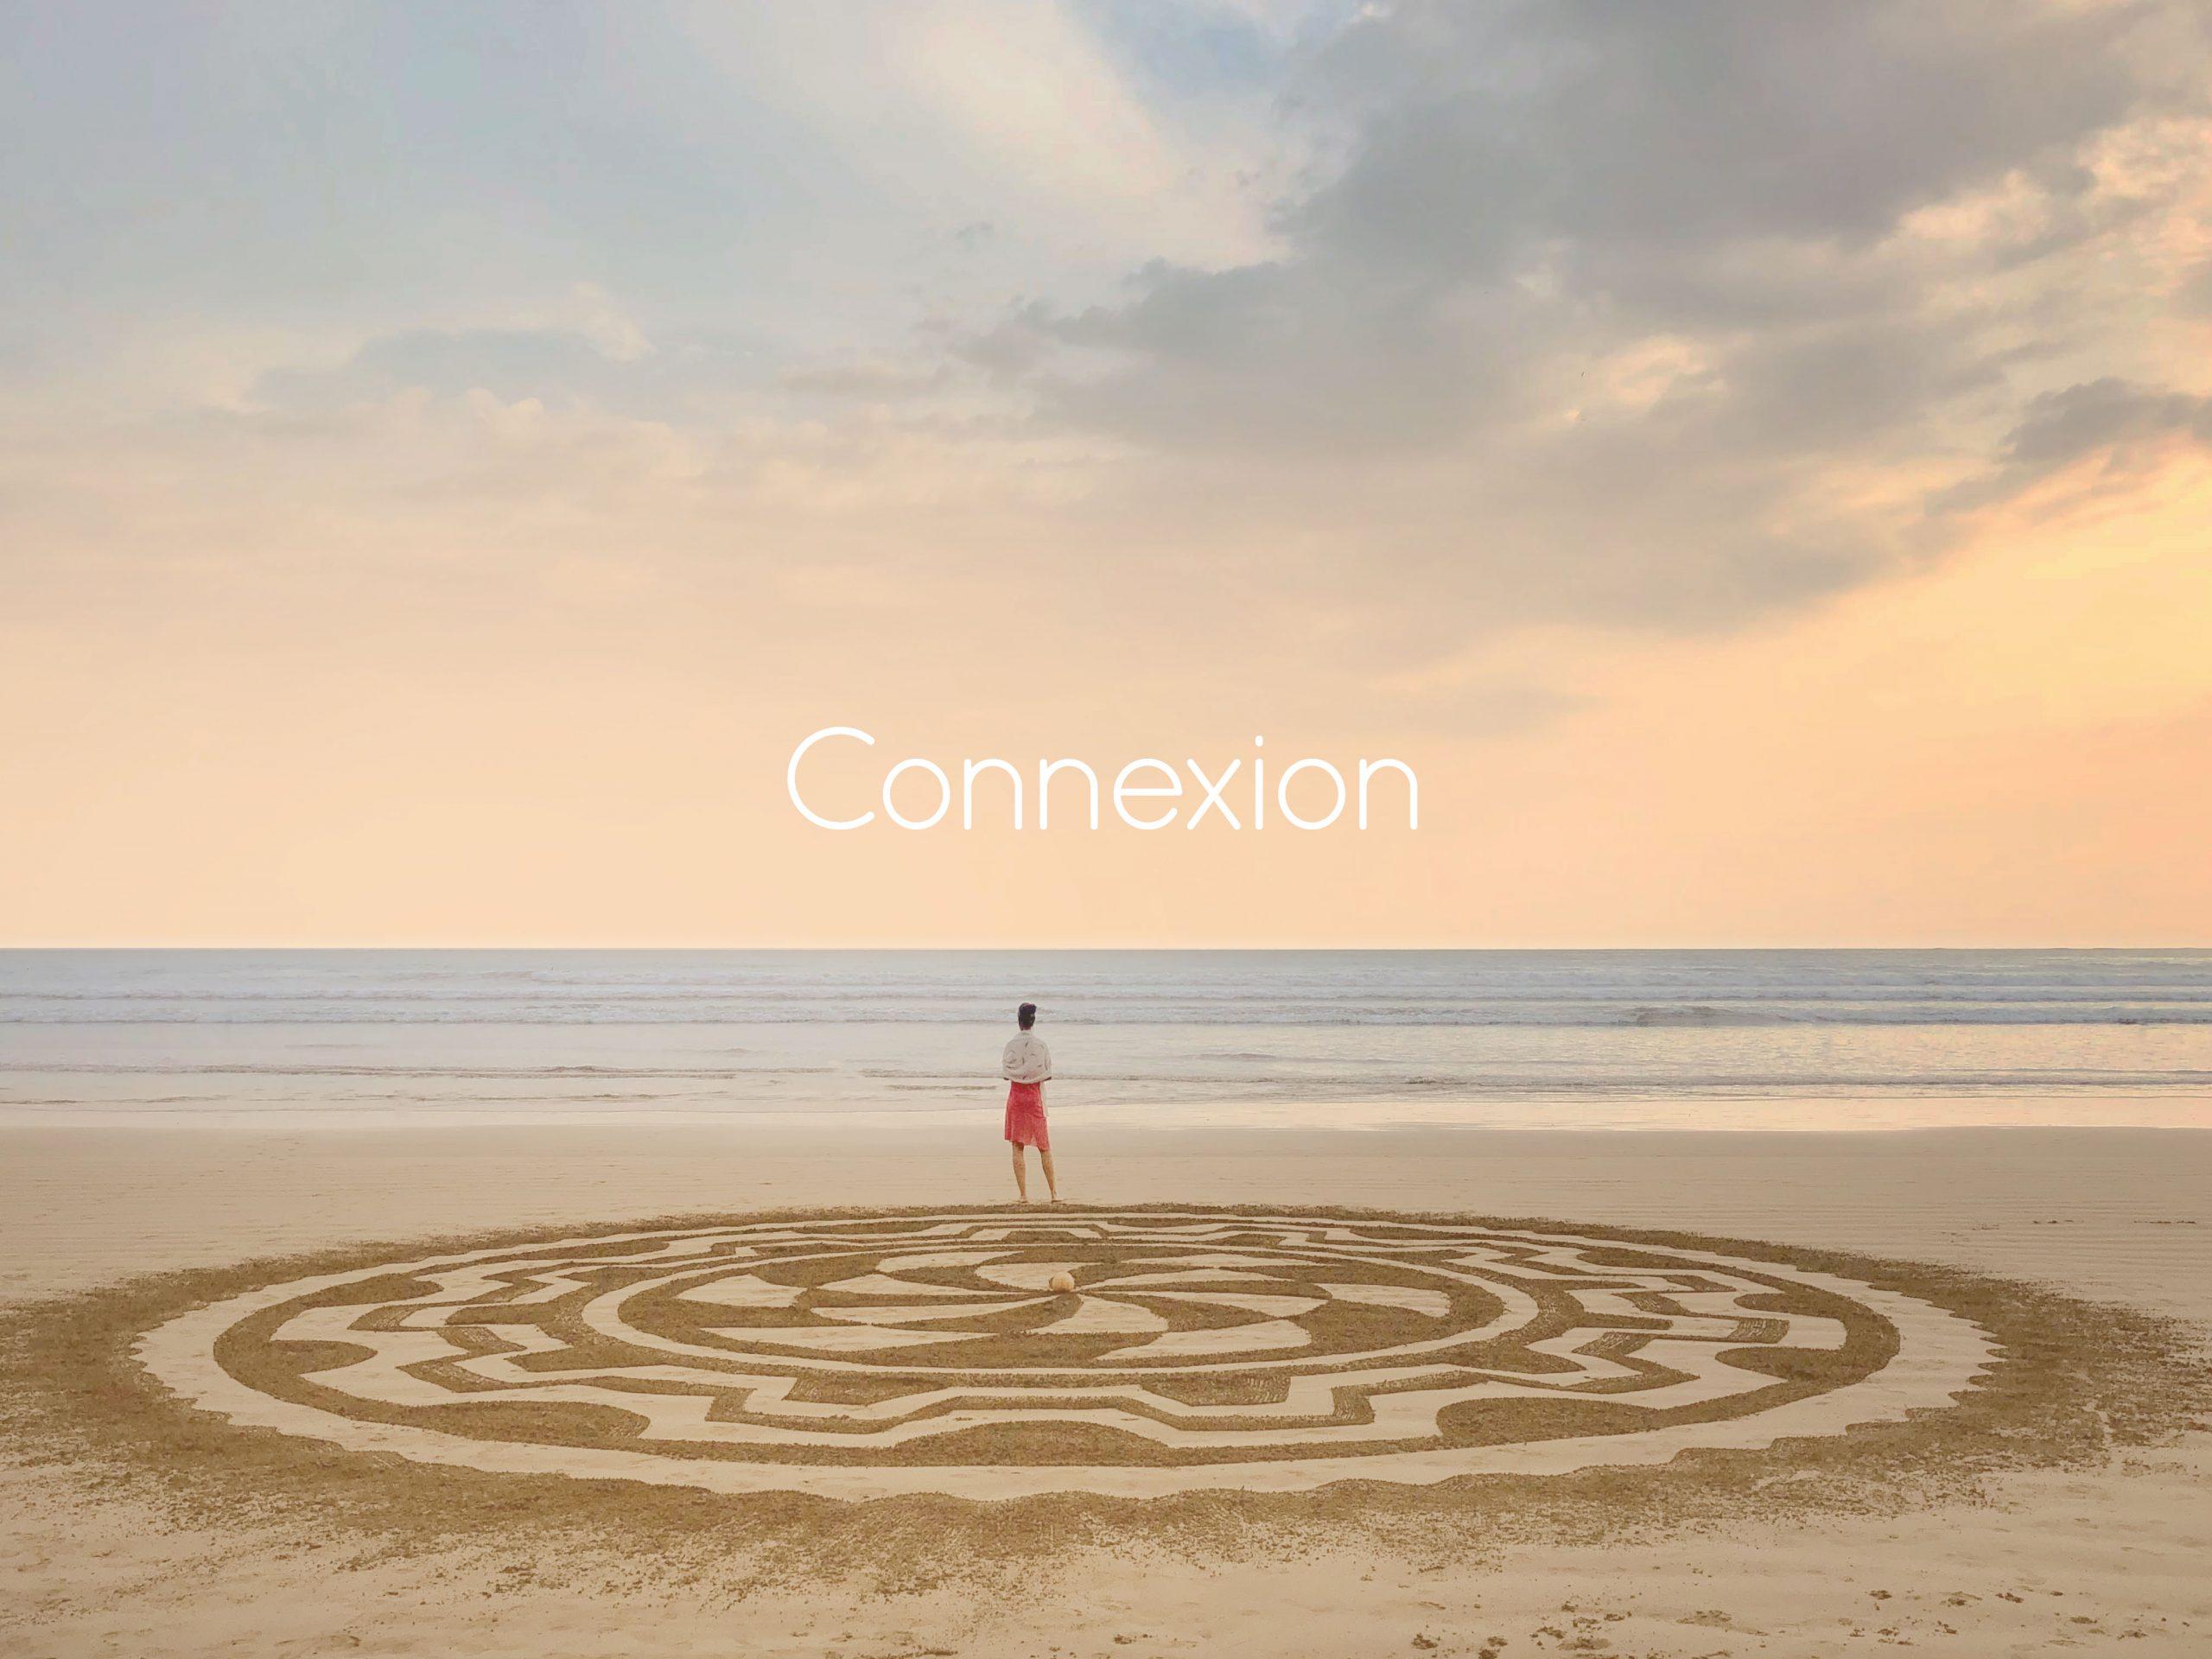 Human connexion